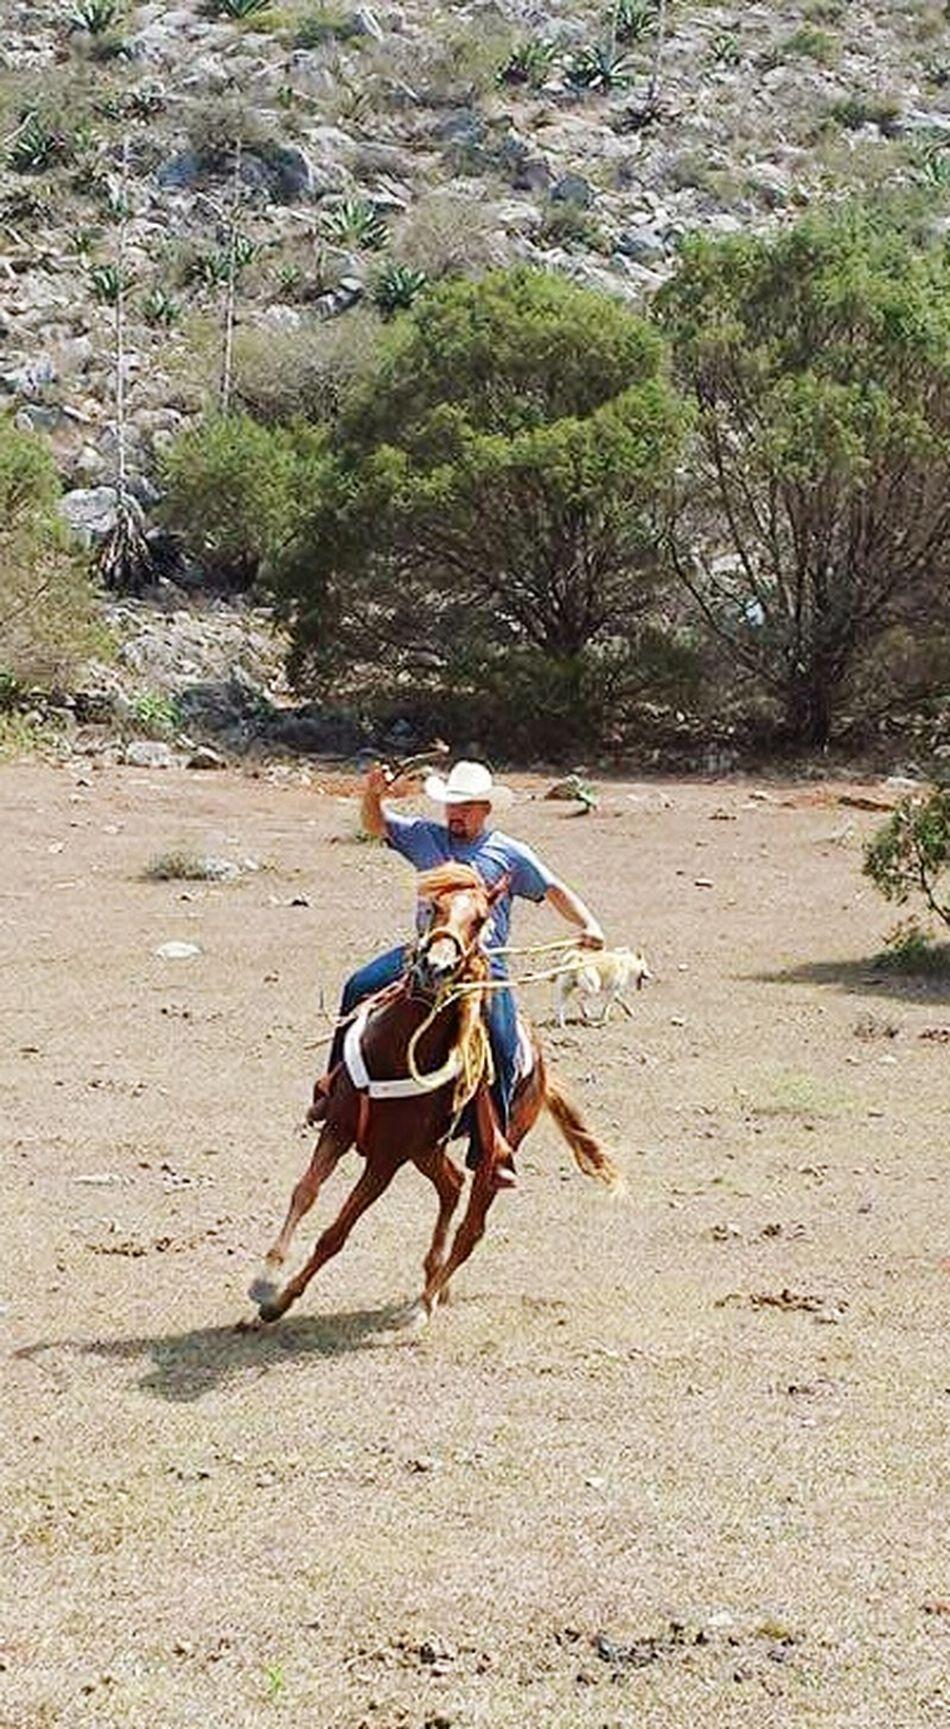 Ranch Life Horses SanLuispotosi Mexico Riding Mirancho❤️ Cousin